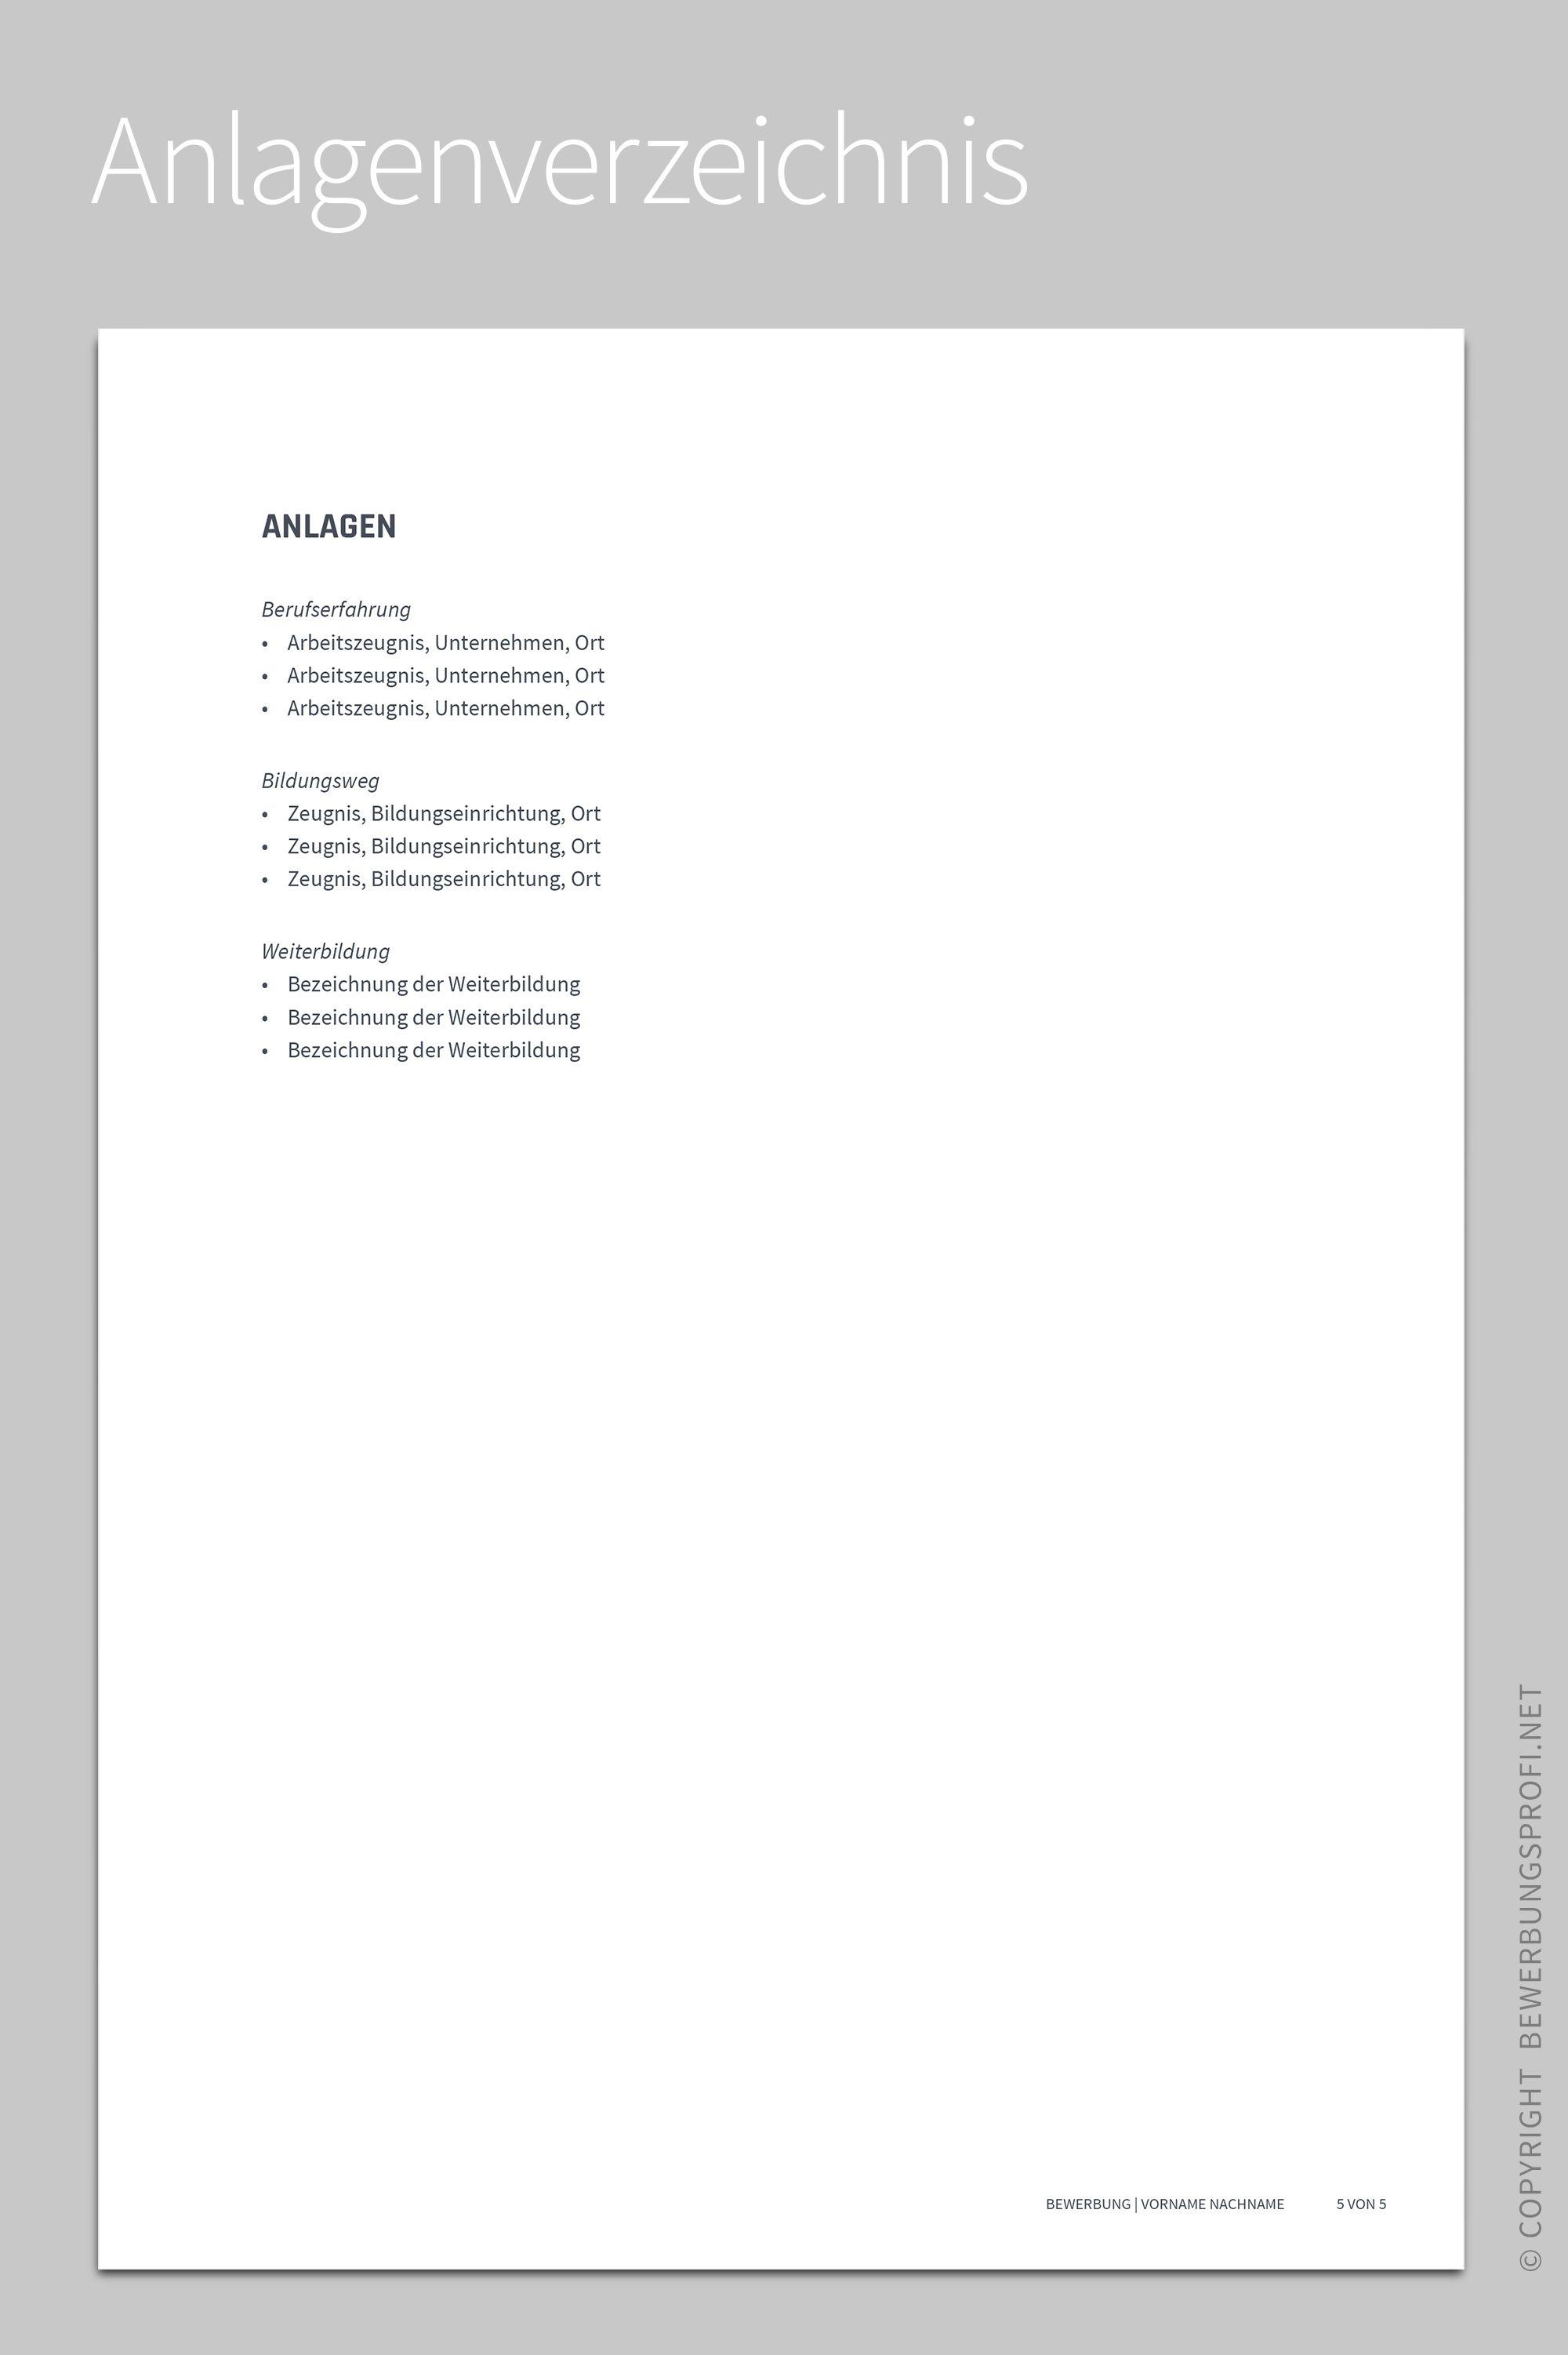 Anlagenverzeichnis Libero | Bewerbung | Pinterest